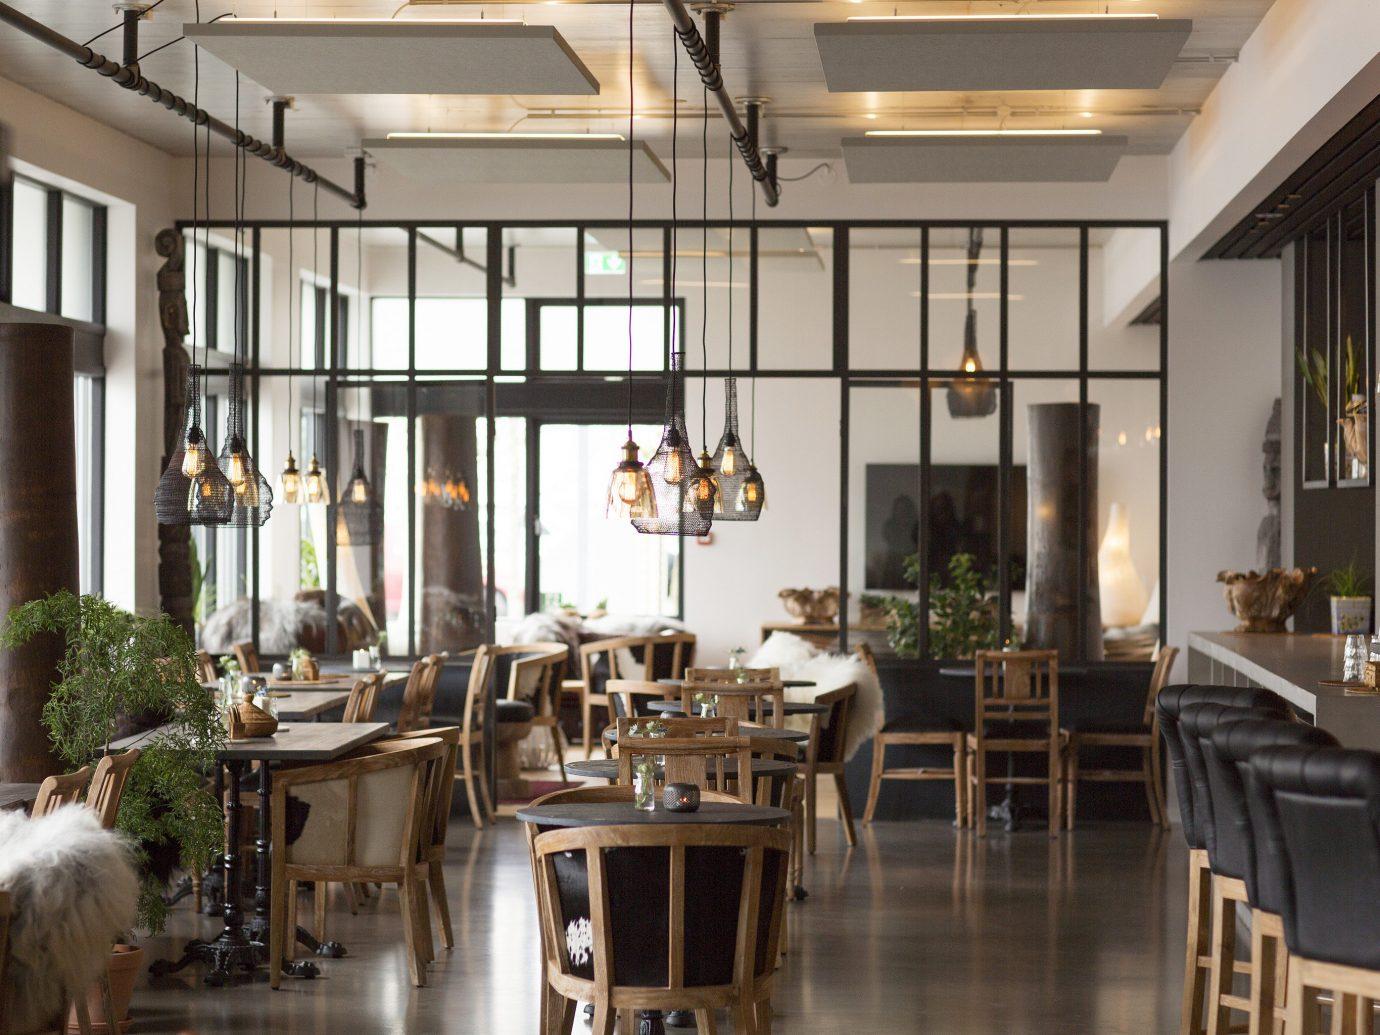 Boutique Hotels Hotels Iceland Reykjavík indoor floor interior design restaurant dining room café table furniture several dining table